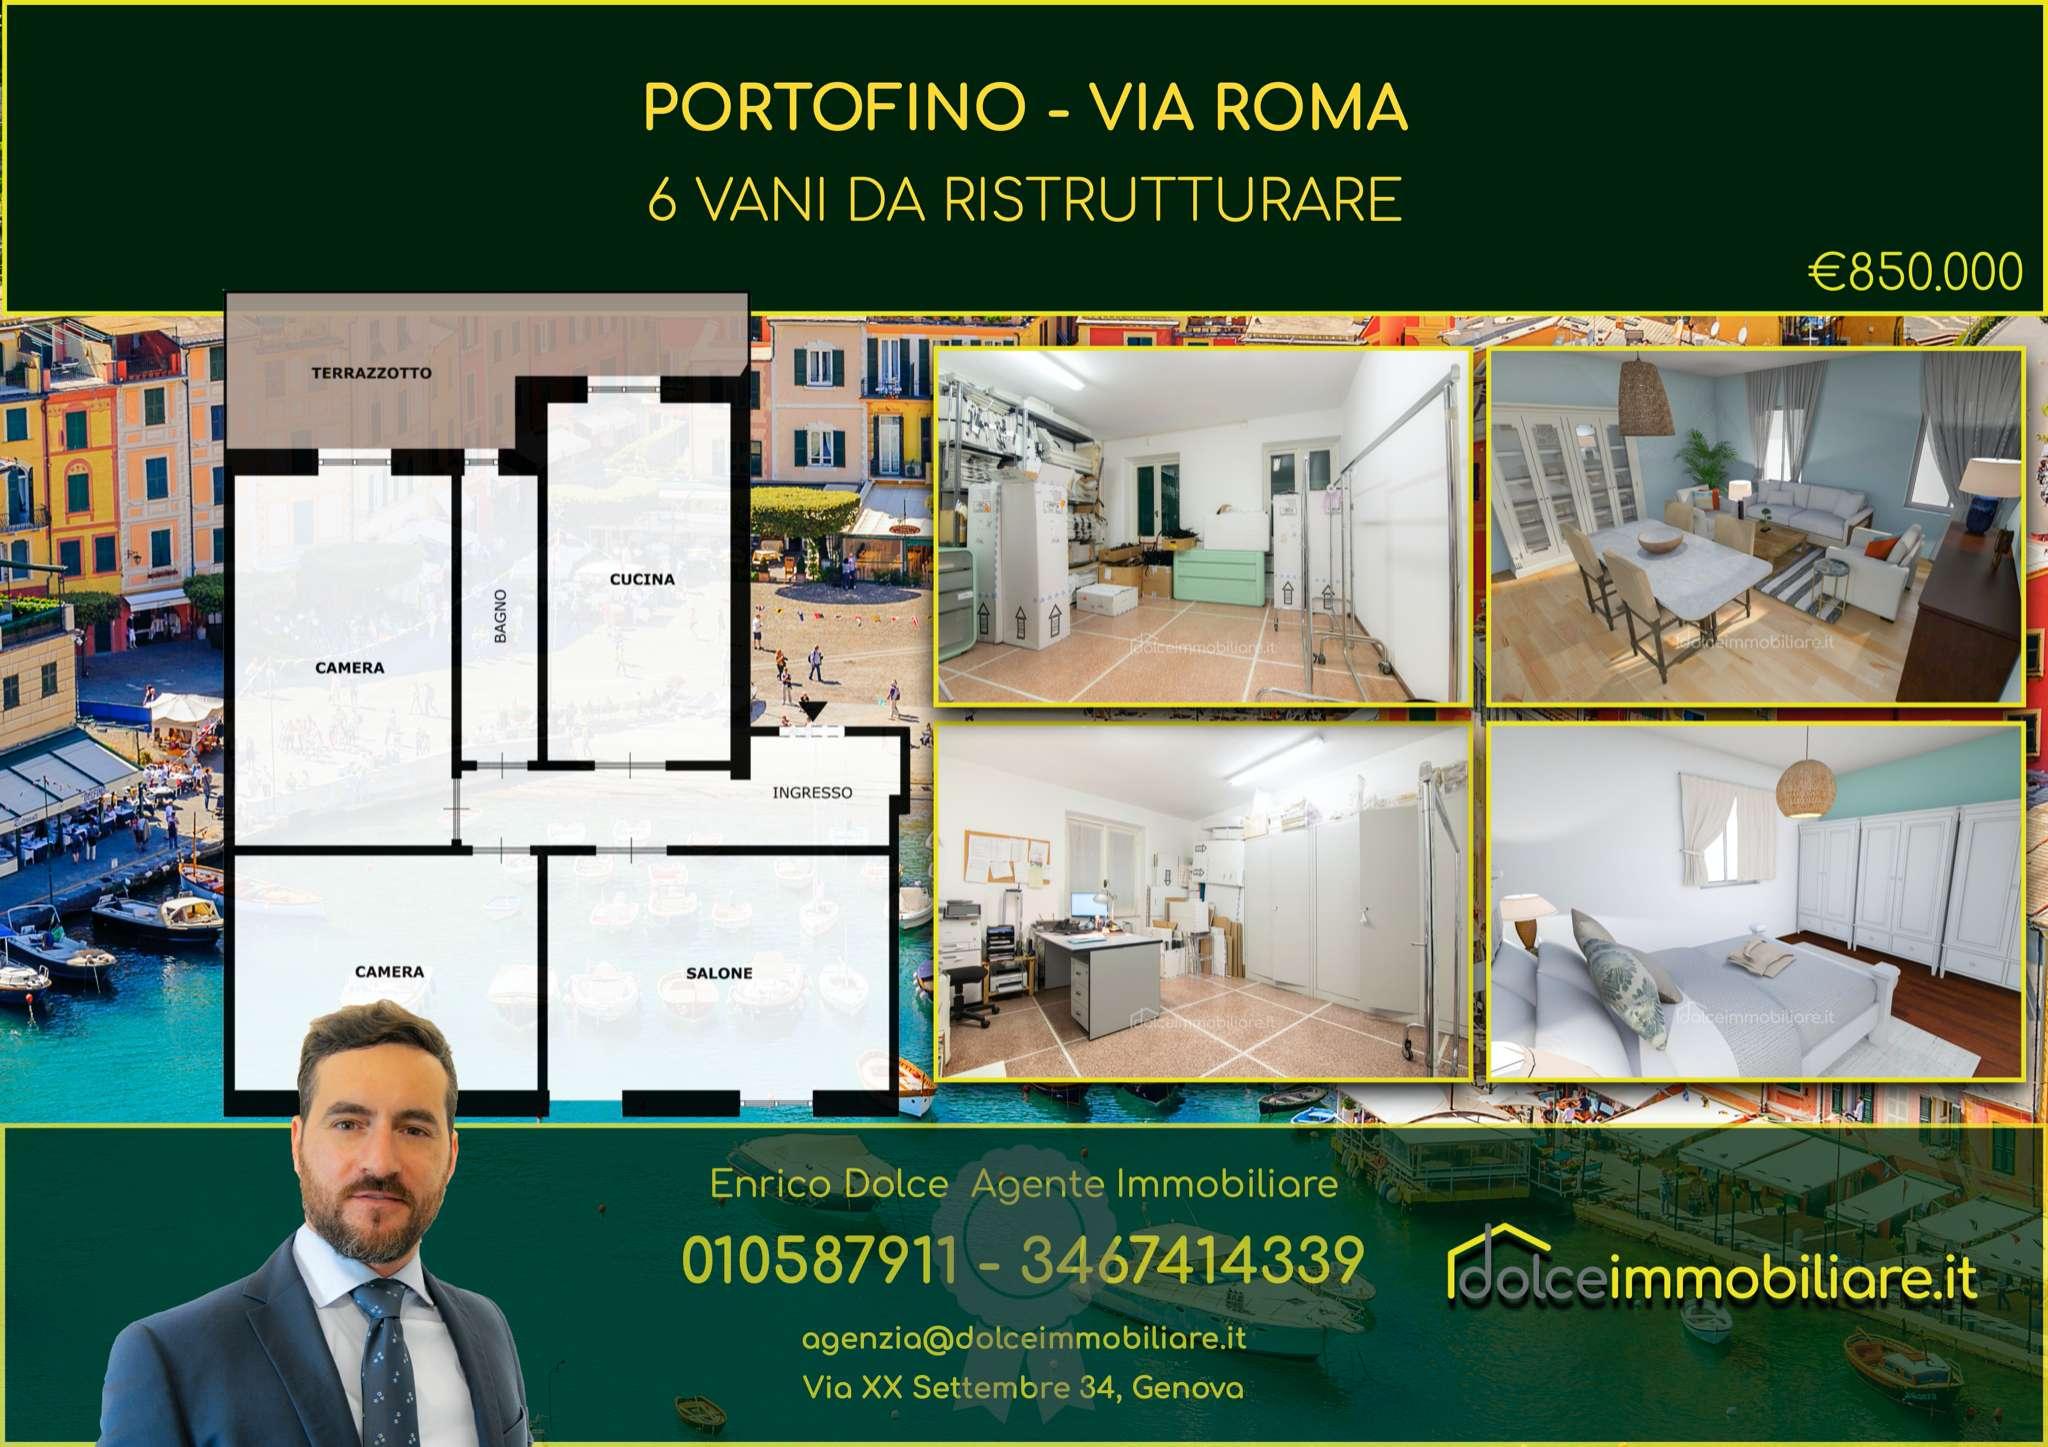 Appartamento in vendita a Portofino, 4 locali, prezzo € 850.000   CambioCasa.it